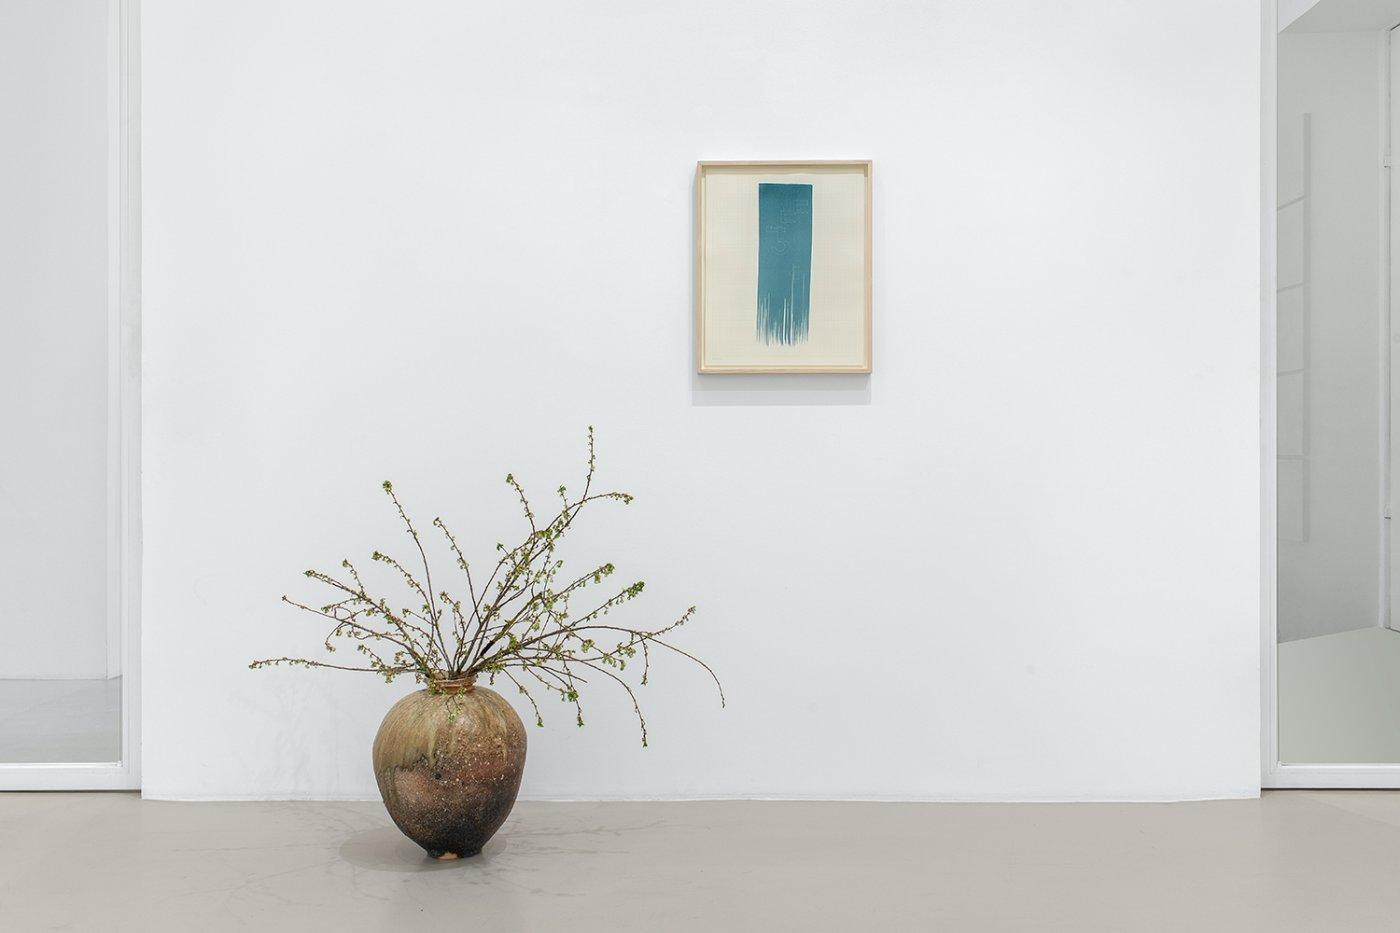 Galerie Max Hetzler Paris Darren Almond 4